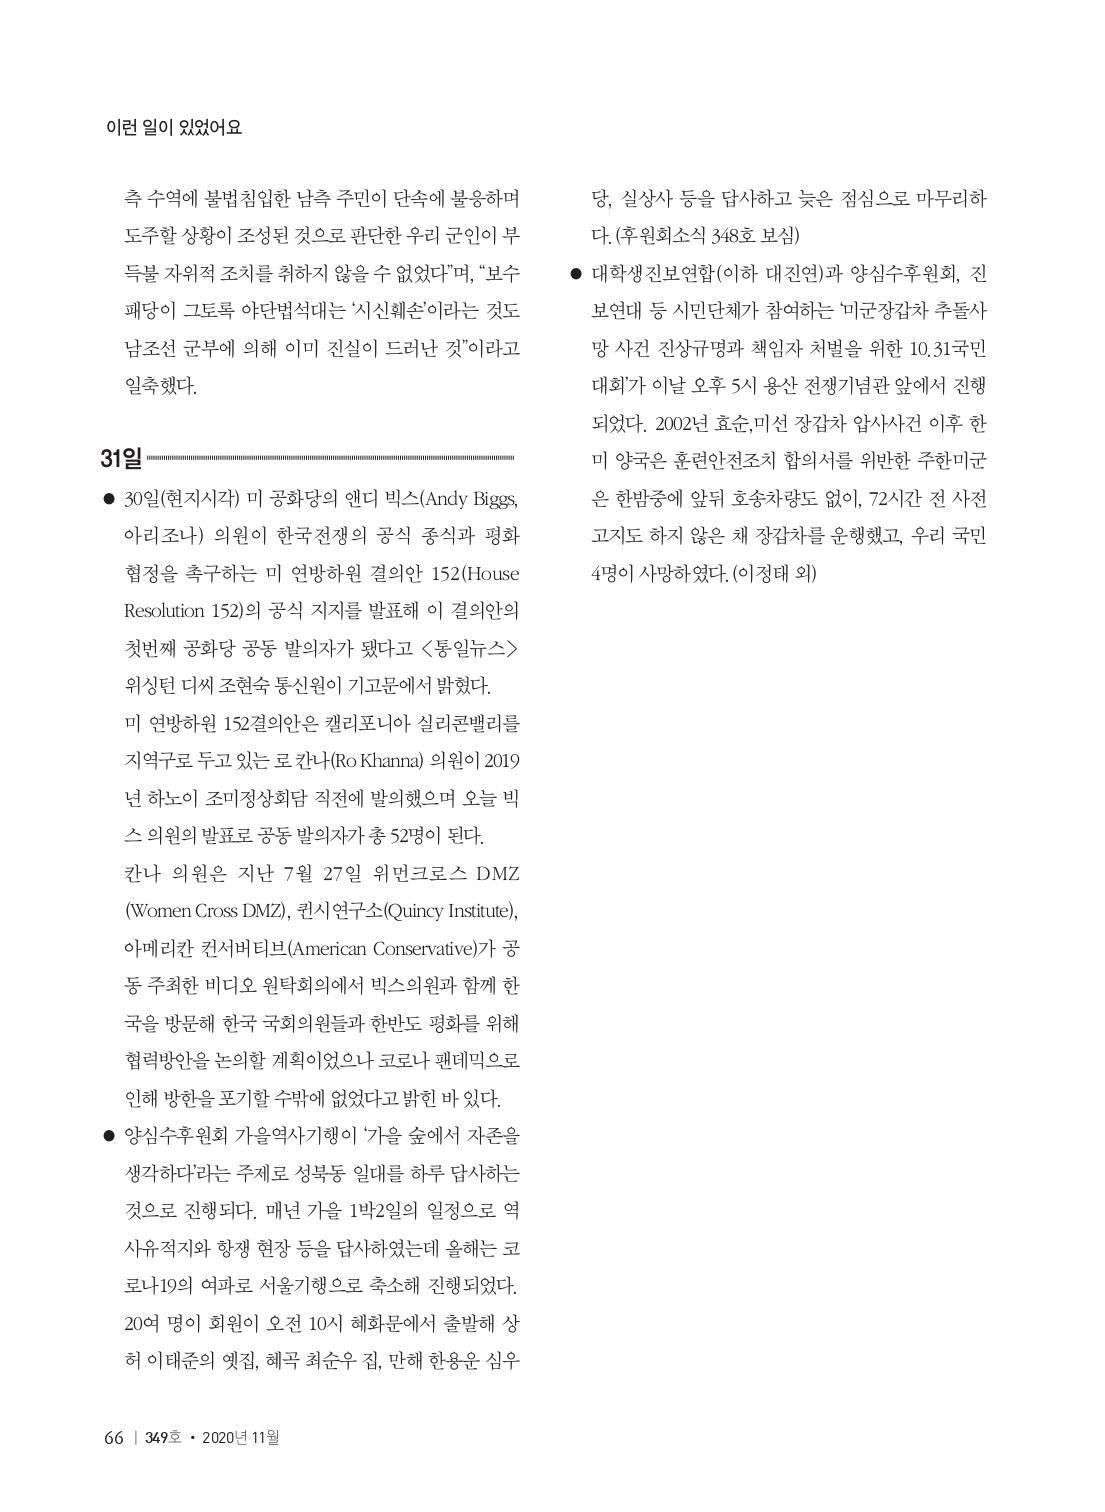 [양심수후원회] 소식지 349호 웹용_page-0068.jpg